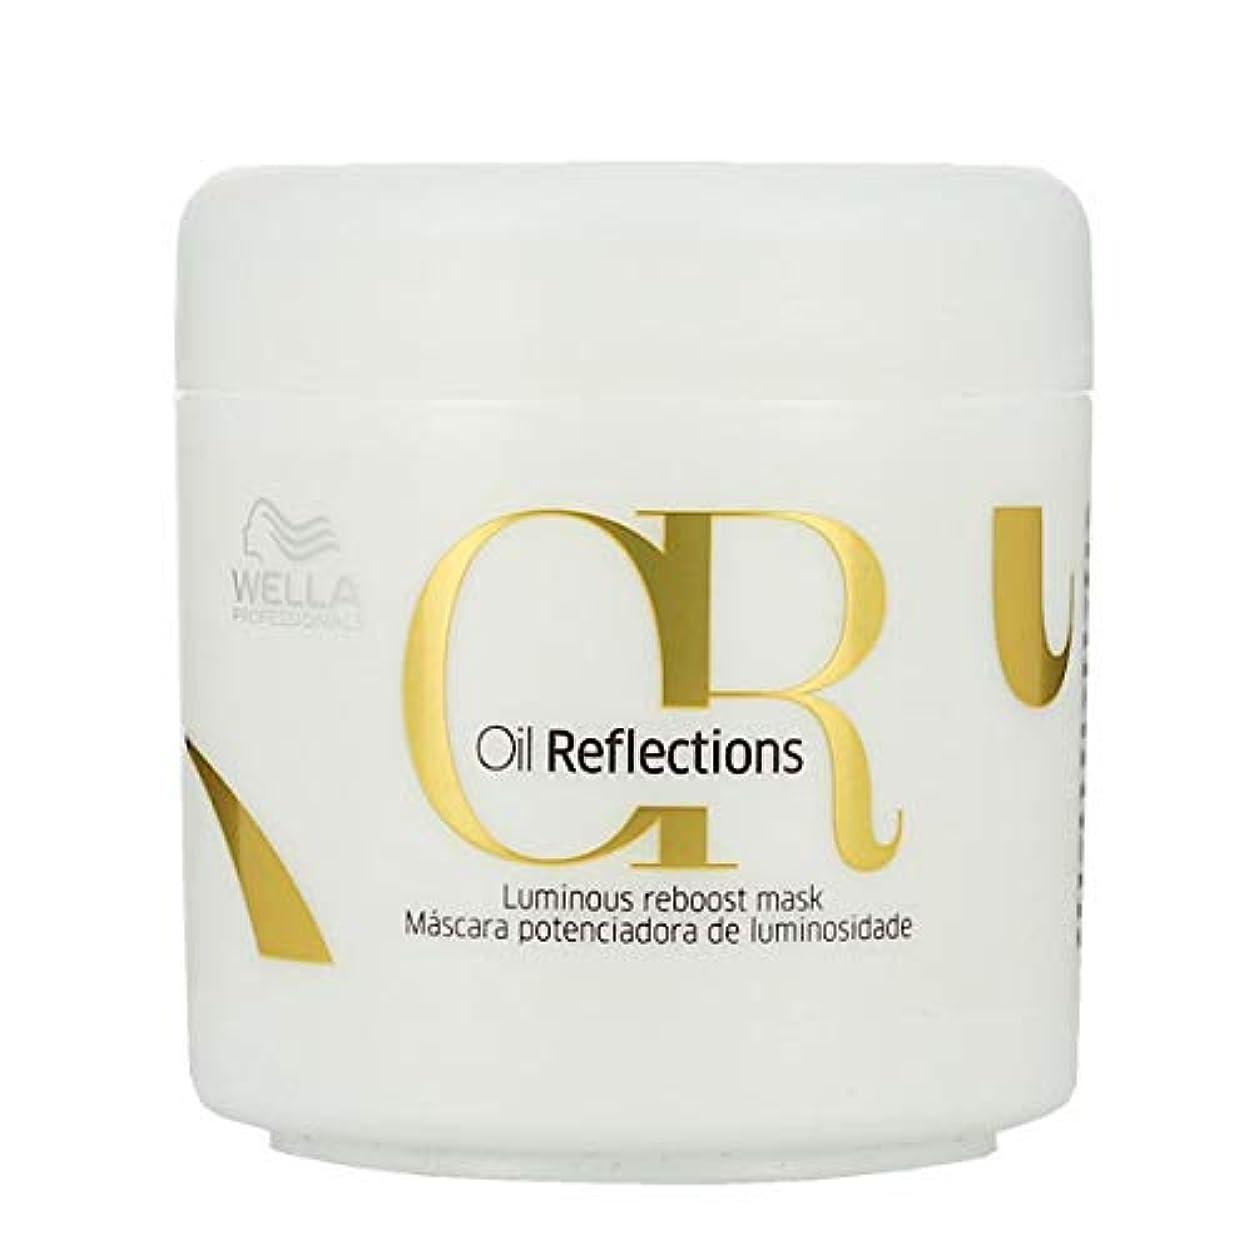 登録スイング早くWella Professionals Oil Reflections Luminous Reboost Mask ウエラ オイルリフレクション マスク 150 ml [並行輸入品]